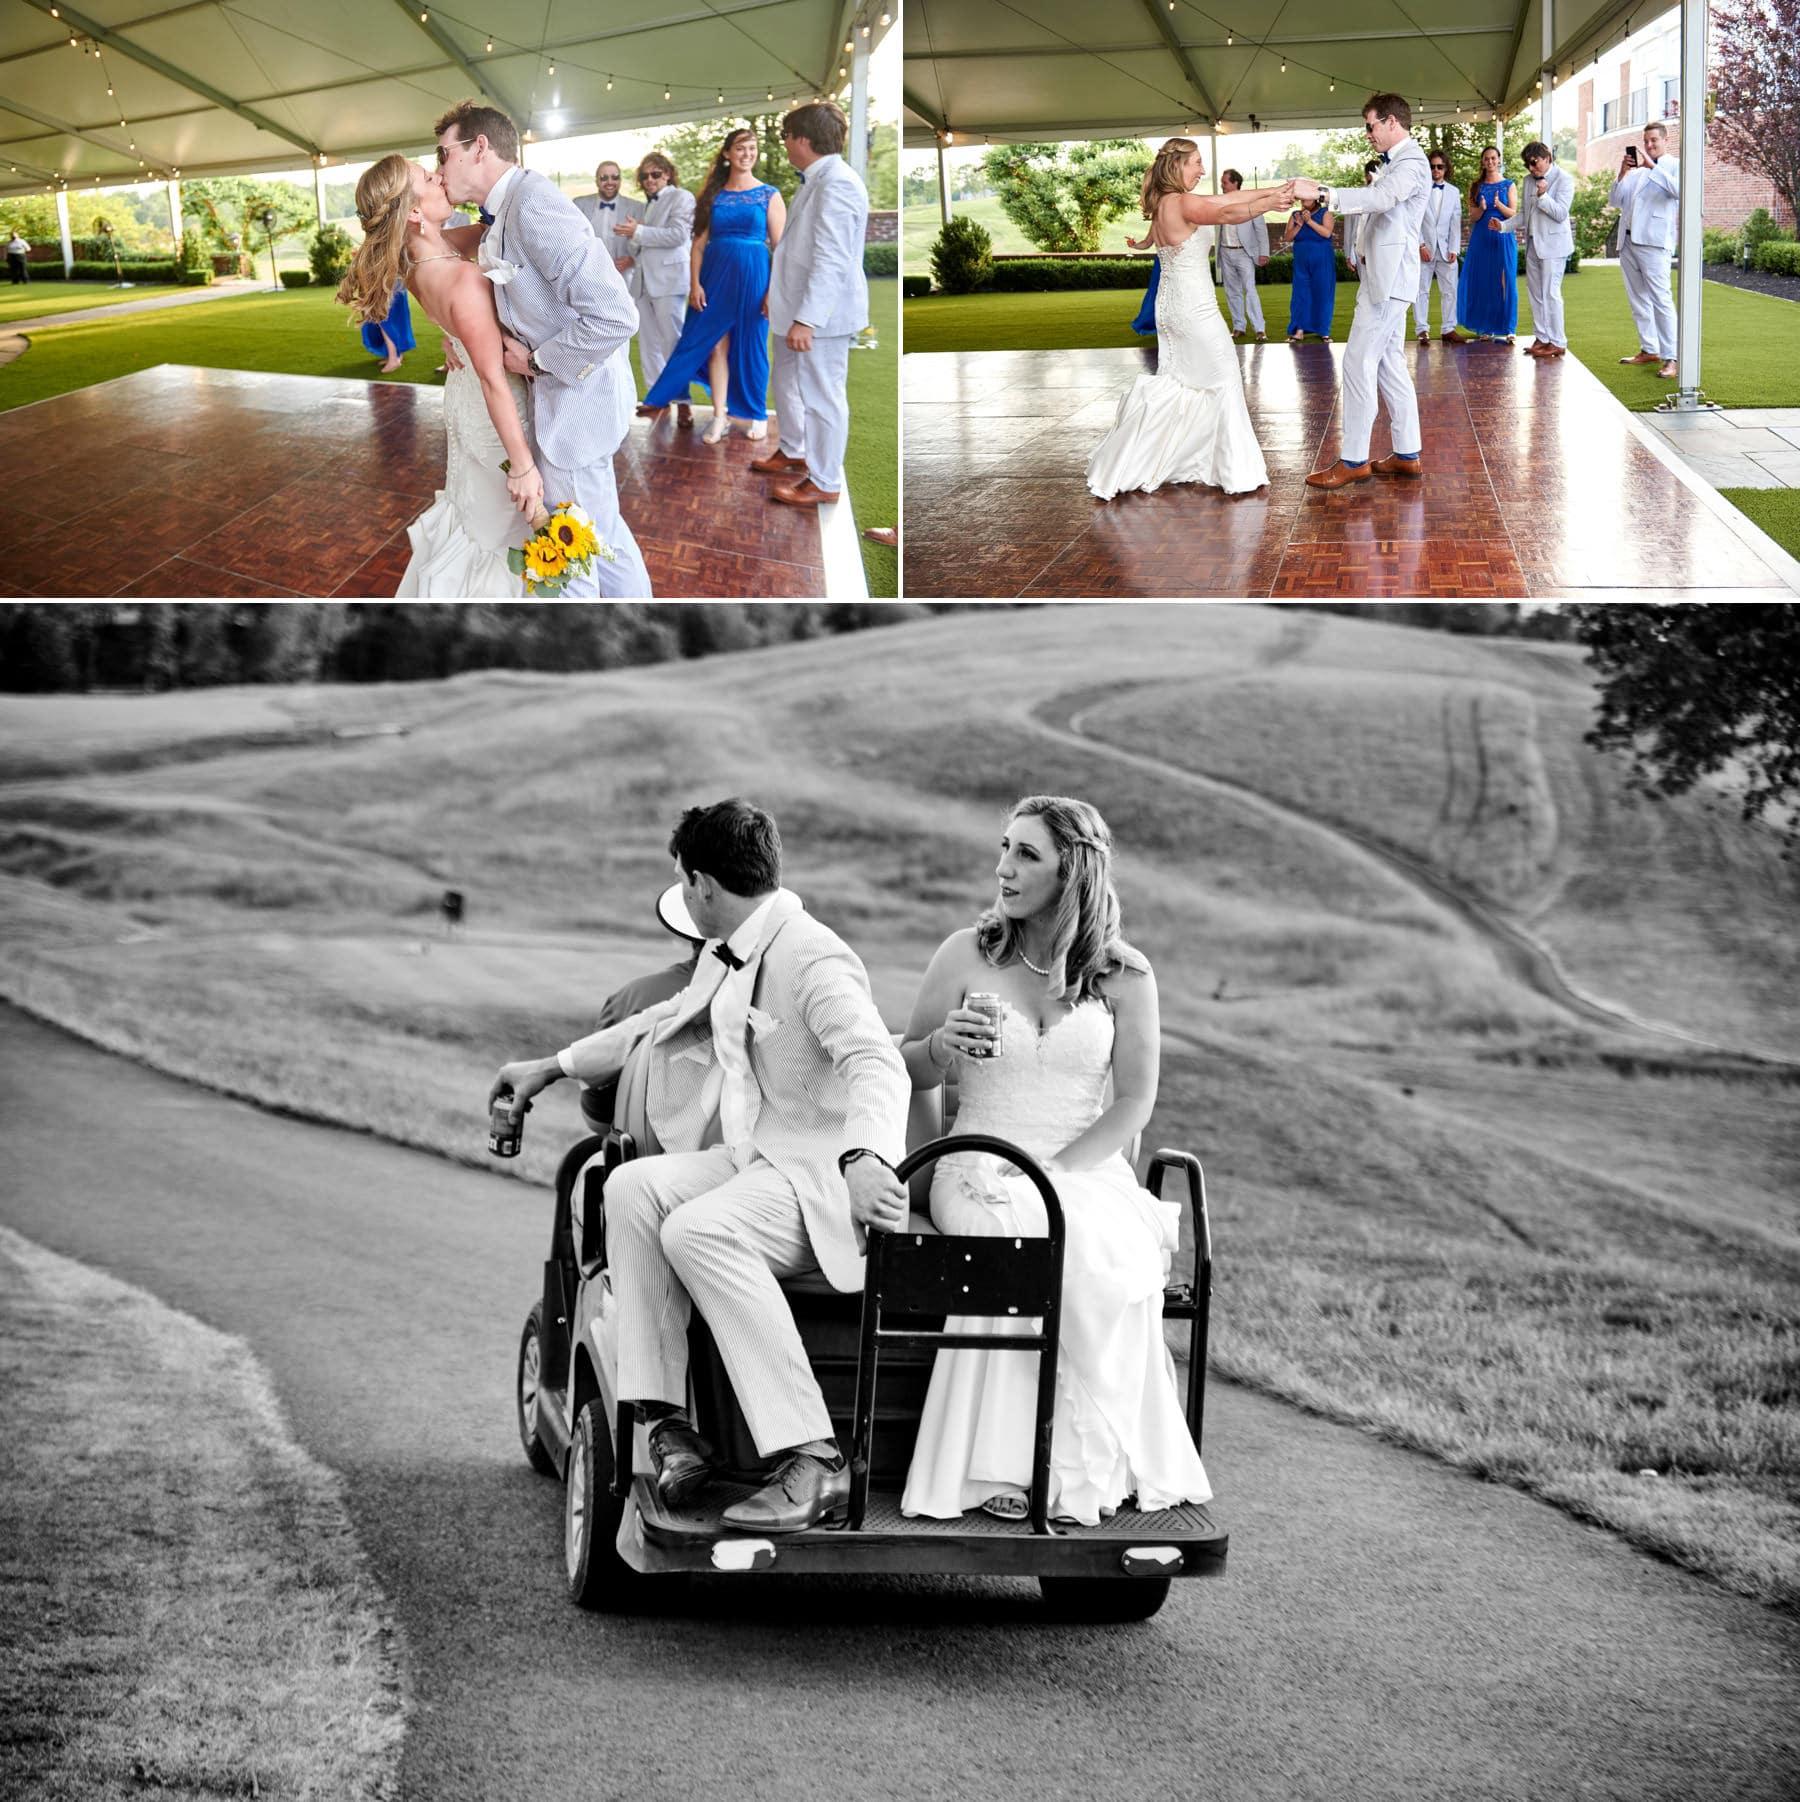 wedding first dance at Hamilton Farm Golf Club